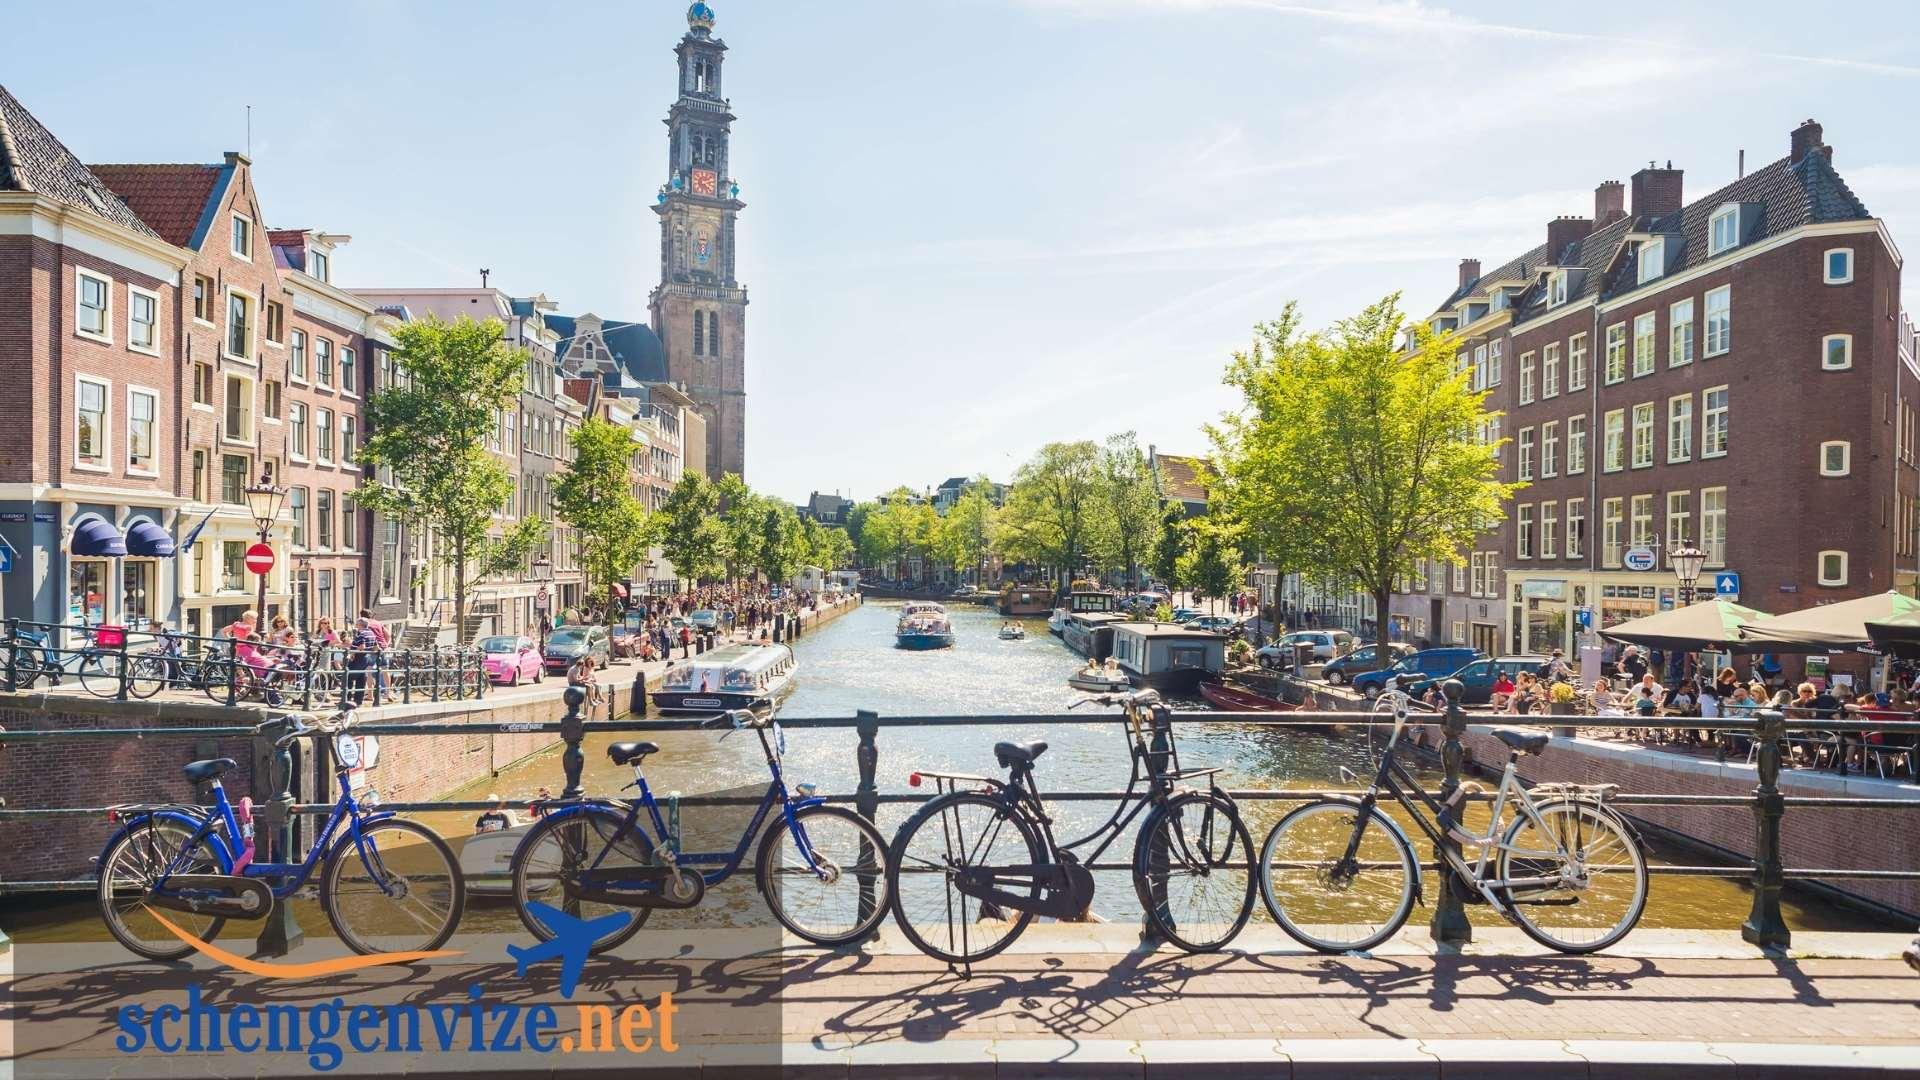 Hollanda Turistik Vize Başvurusu Nereye Yapılmalıdır